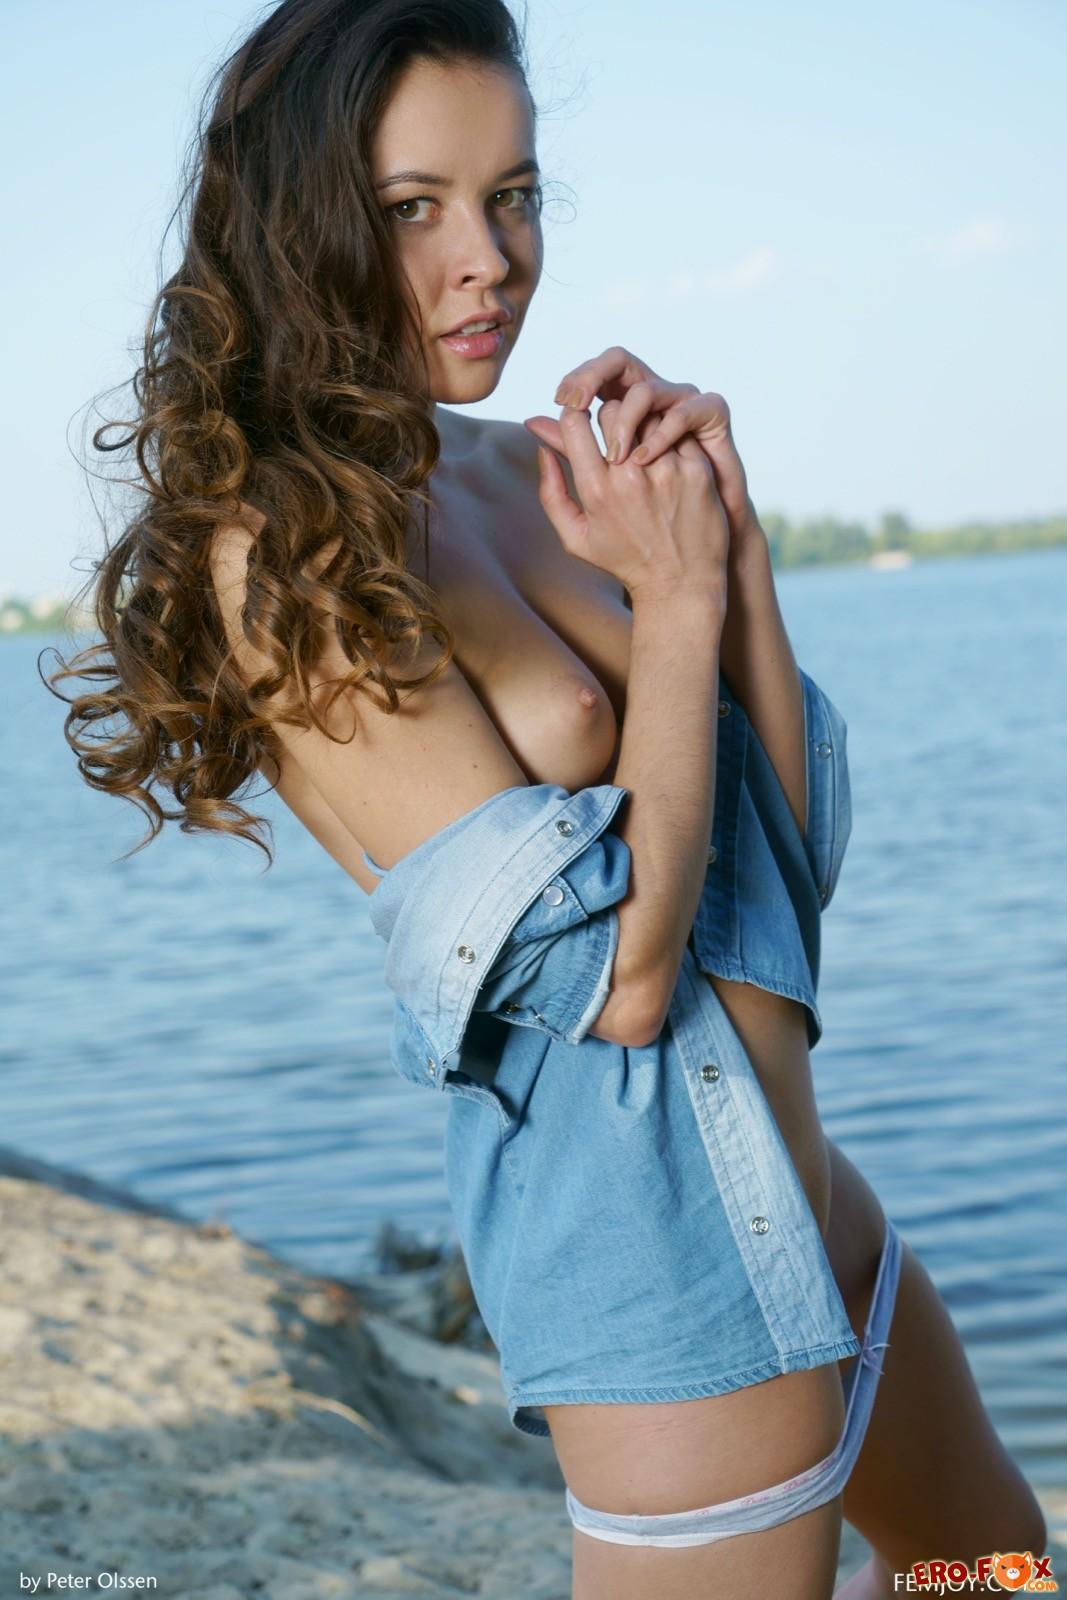 Девушка в рубашке оголила бритую киску на пляже